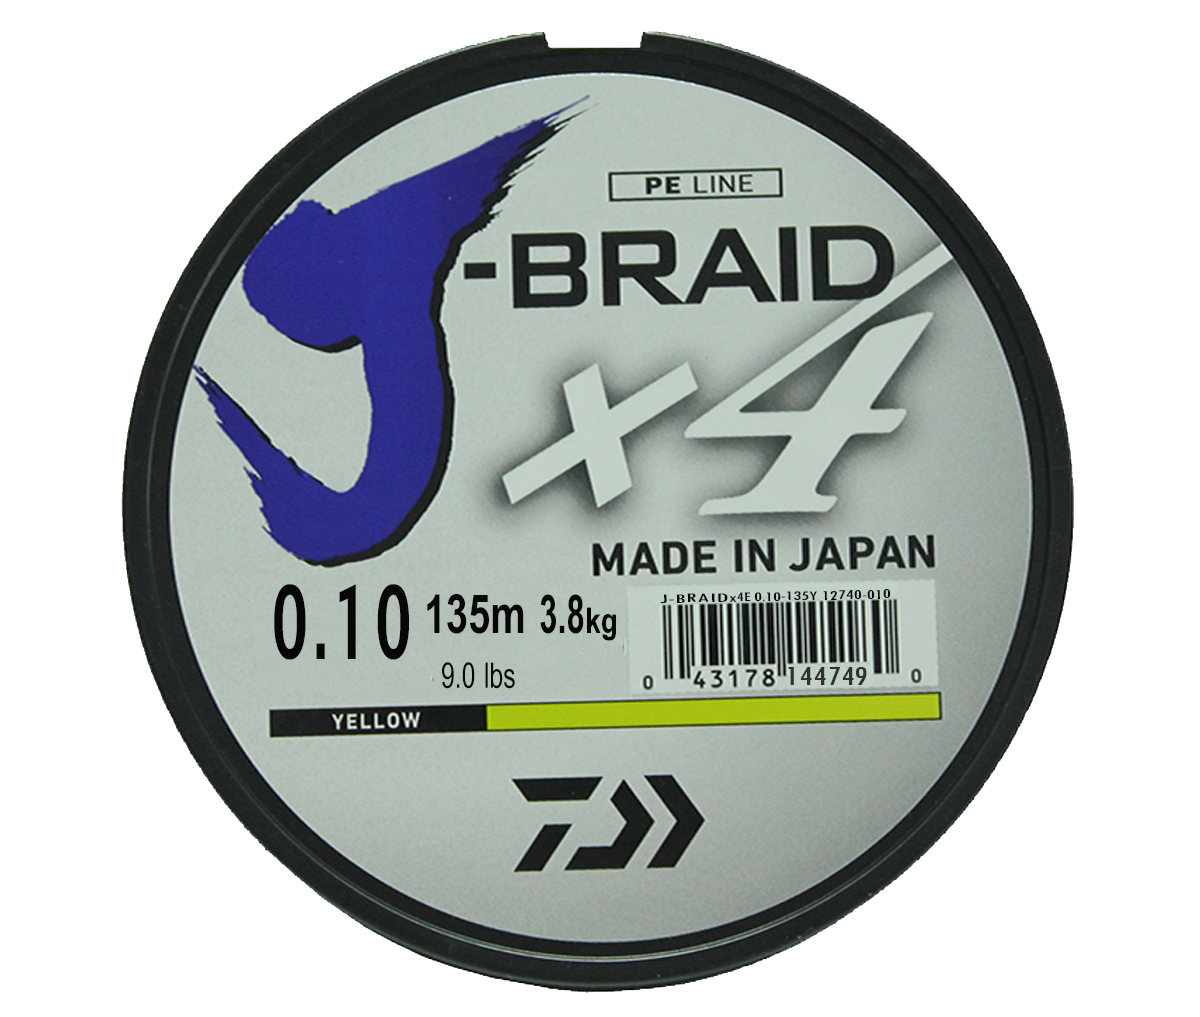 Шнур плетеный Daiwa J-Braid X4, цвет:флуоресцентный желтый, 135 м, 0,10 мм61136Новый 4х жильный шнур J-Braid, DAIWA - шнур высокого класса с удивительным соотношением цены и качества. Качество плетения полностьюсоответствует японским стандартам и удовлетворяет всем требованиям. Представленные диаметры позволяют использовать шнур для всех техникловли, начиная от ultra- light ловли окуня, до морской ловли палтуса, трески и т.д